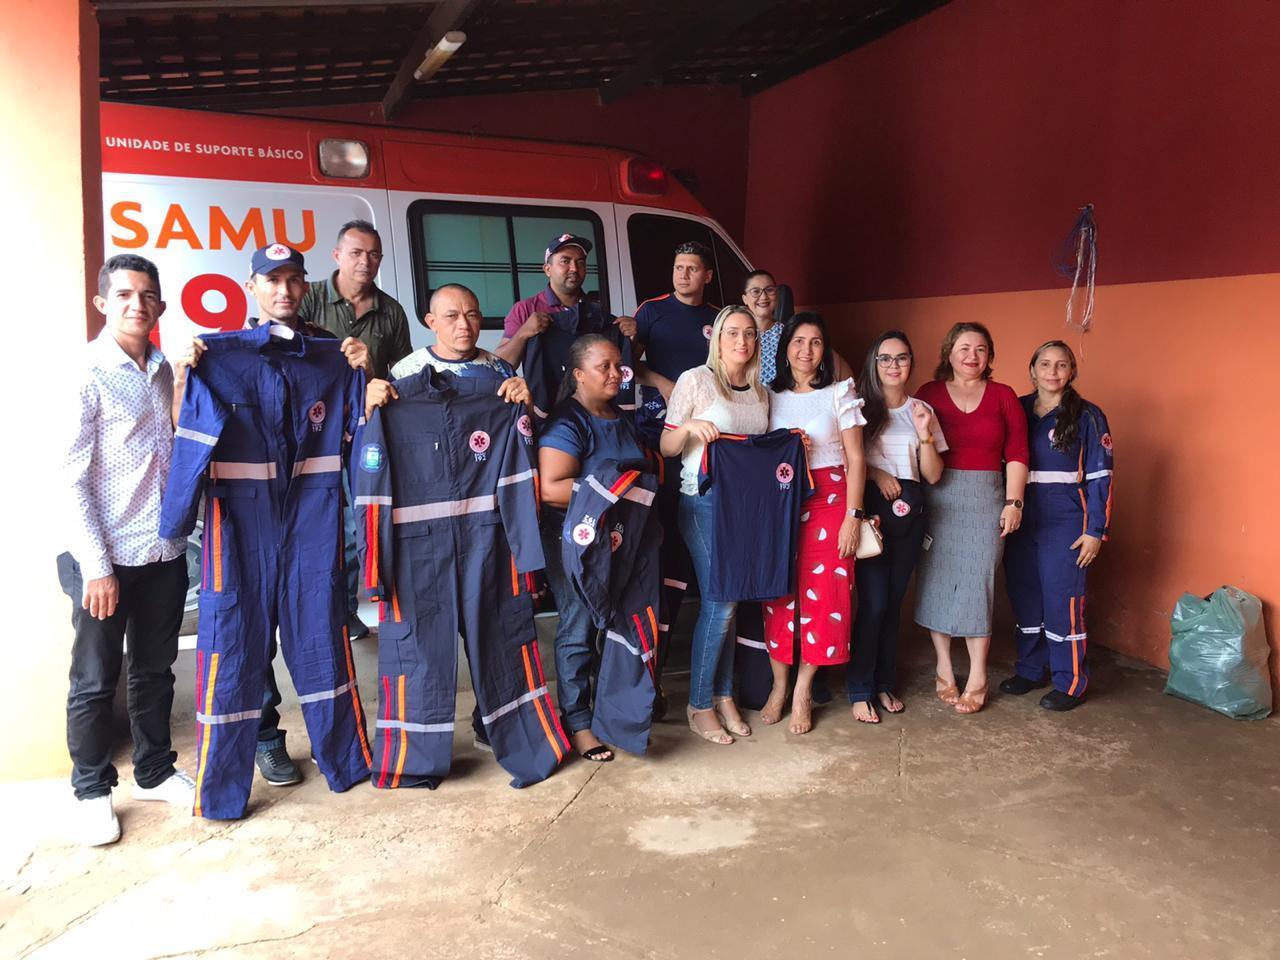 Prefeitura de Valença do Piauí entrega novos uniformes aos profissionais do SAMU